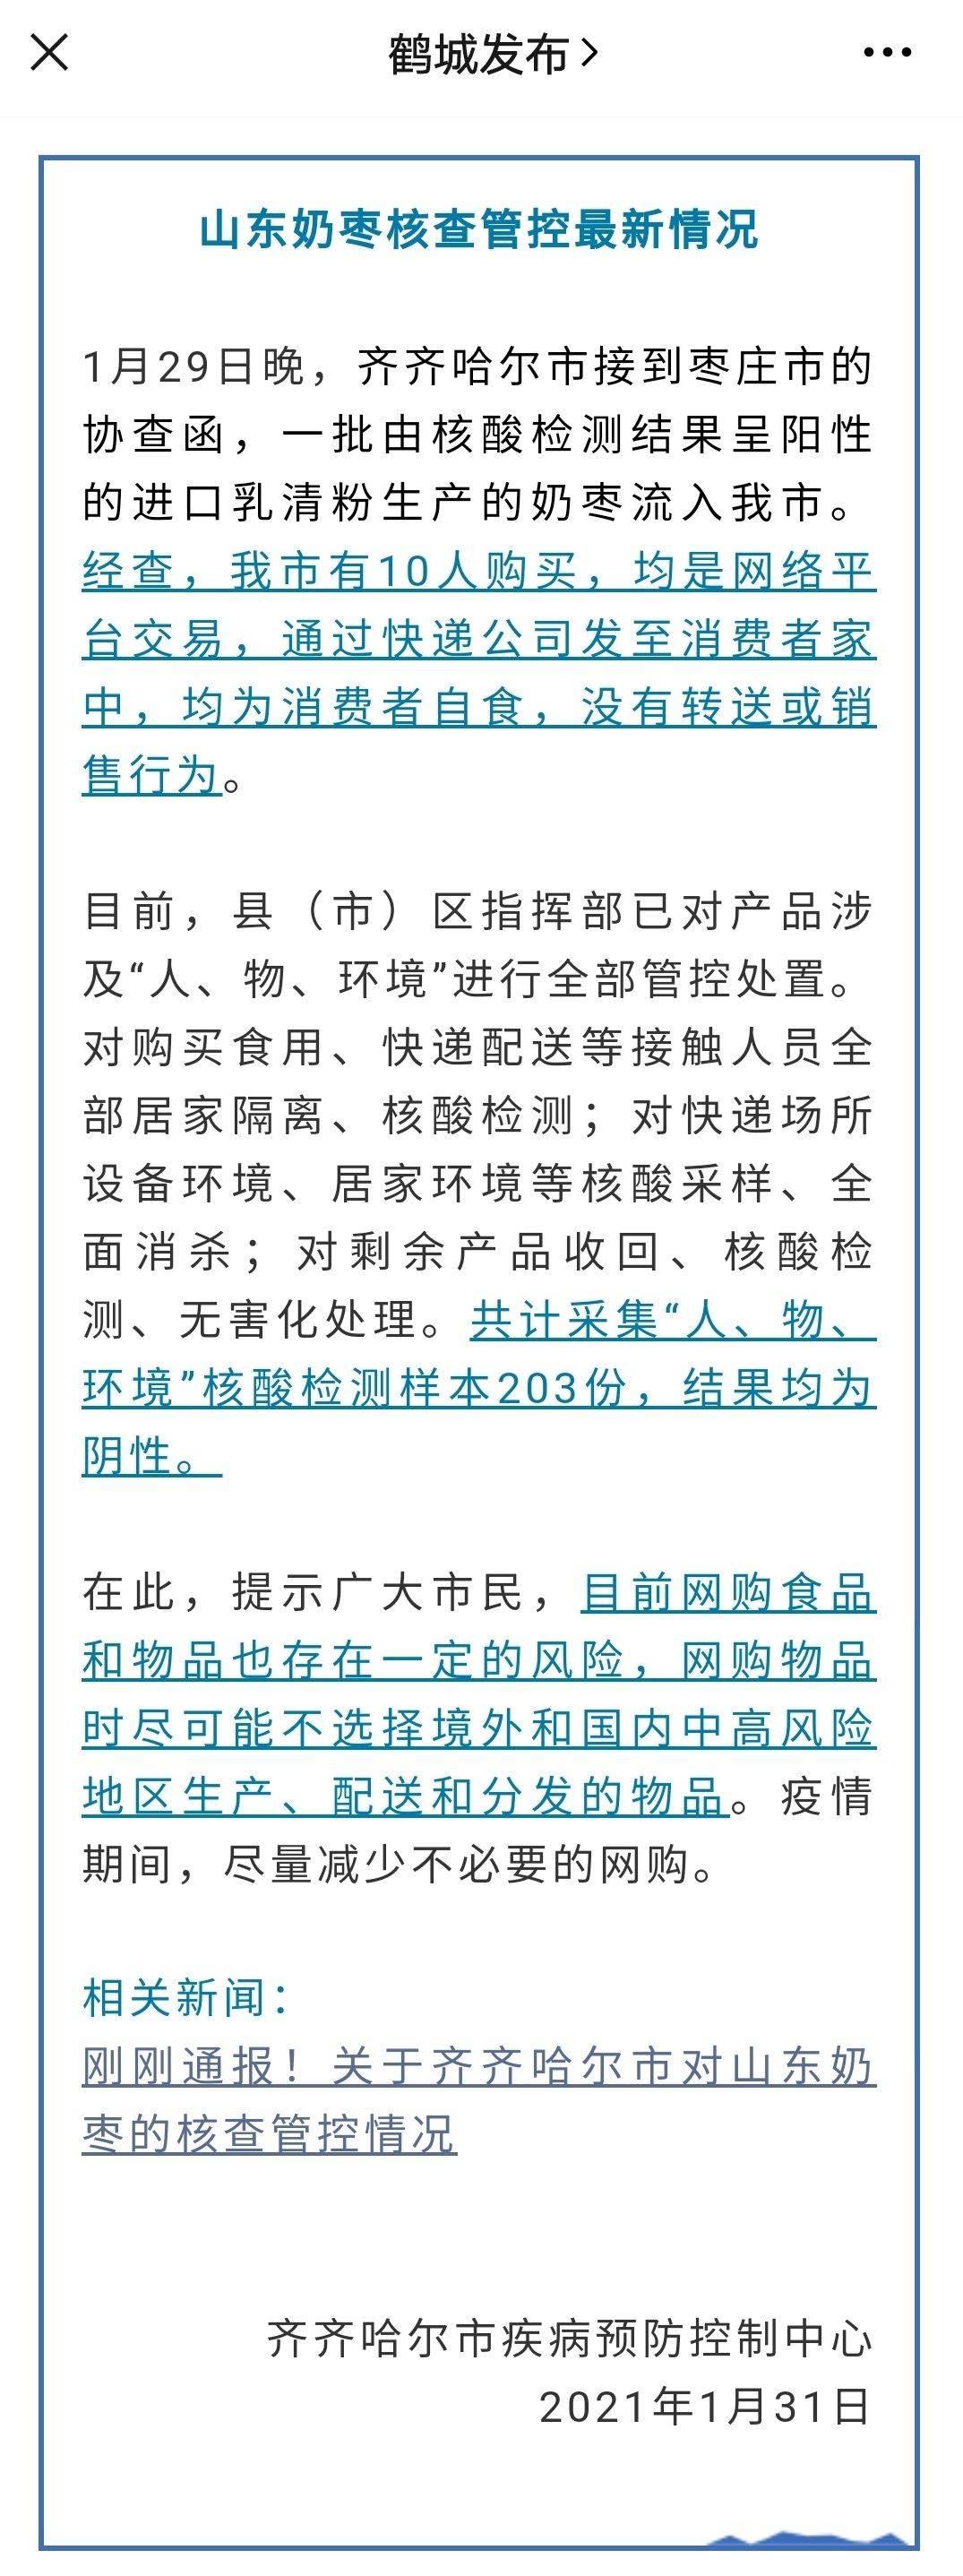 """齐齐哈尔市10人网上购物涉疫奶枣""""人、物、自然环境""""dna"""